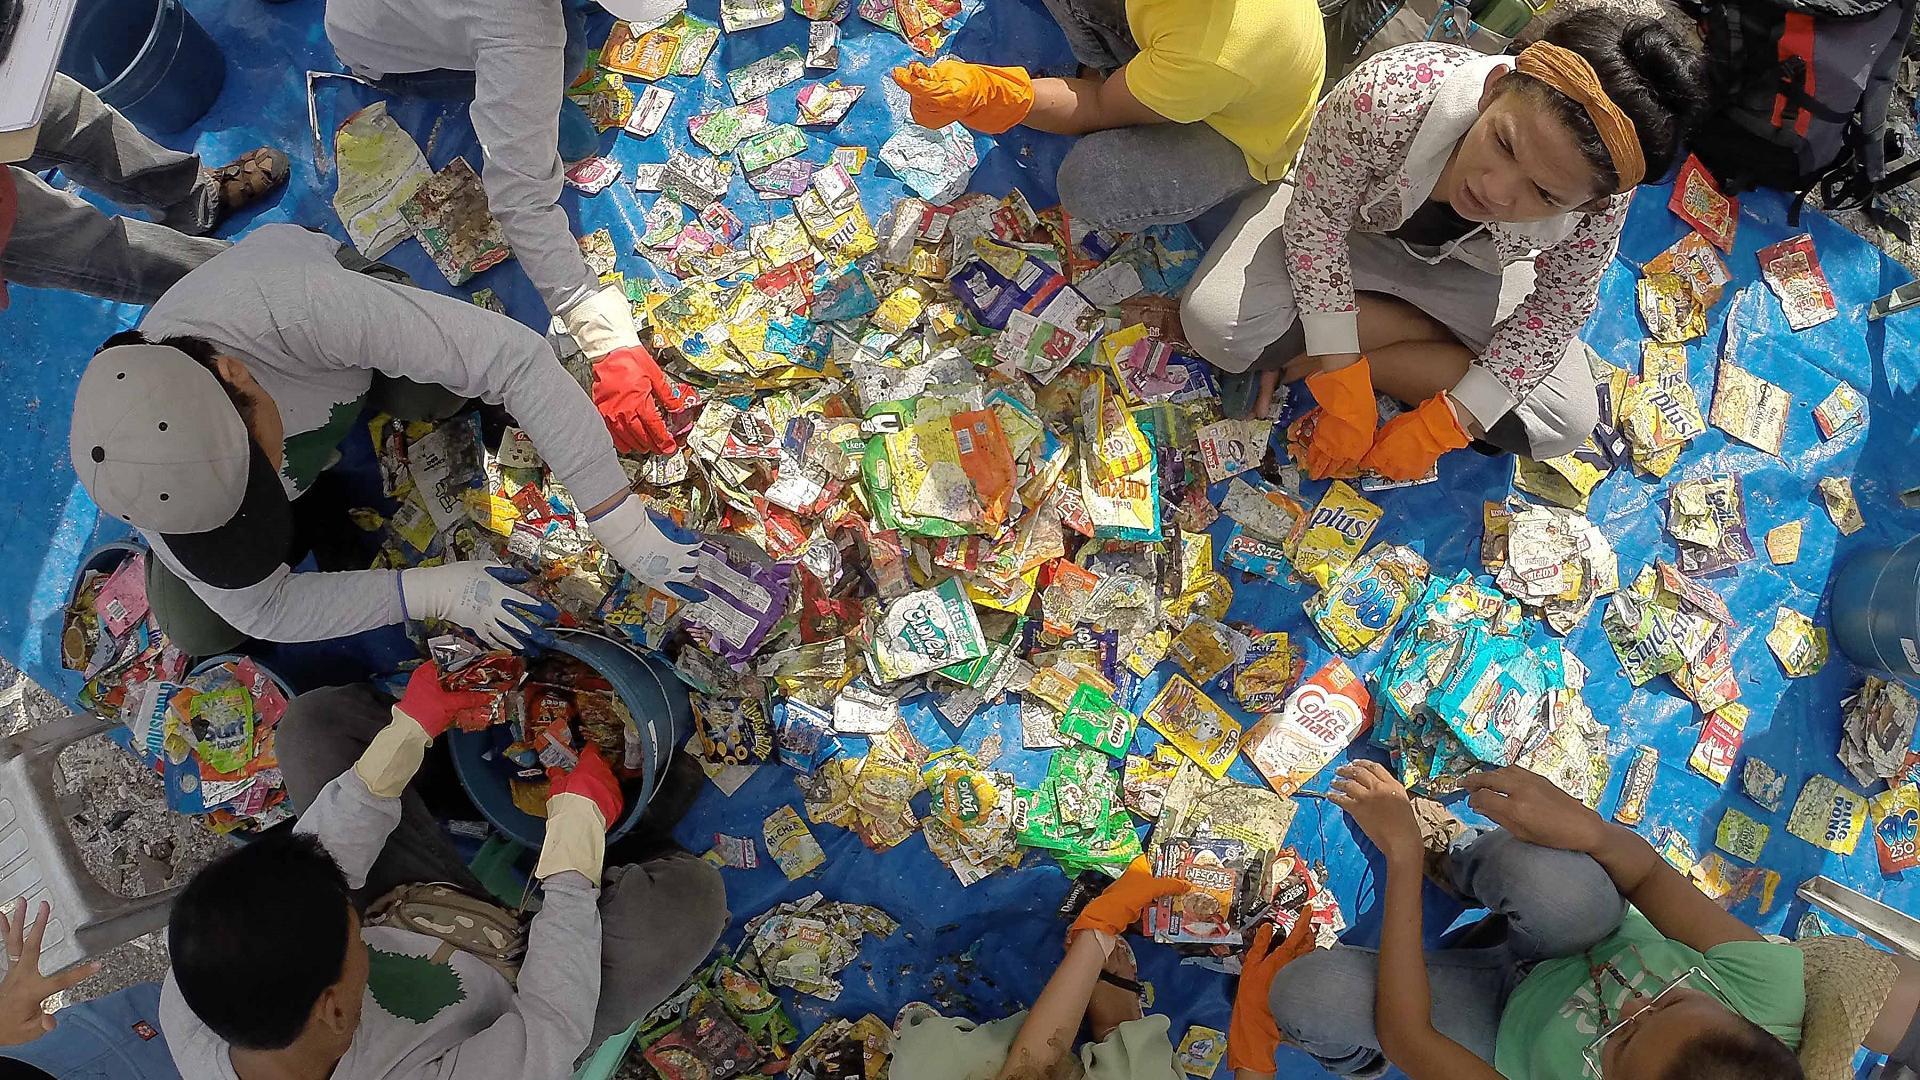 Menschen sammeln und sortieren Plastikmüll